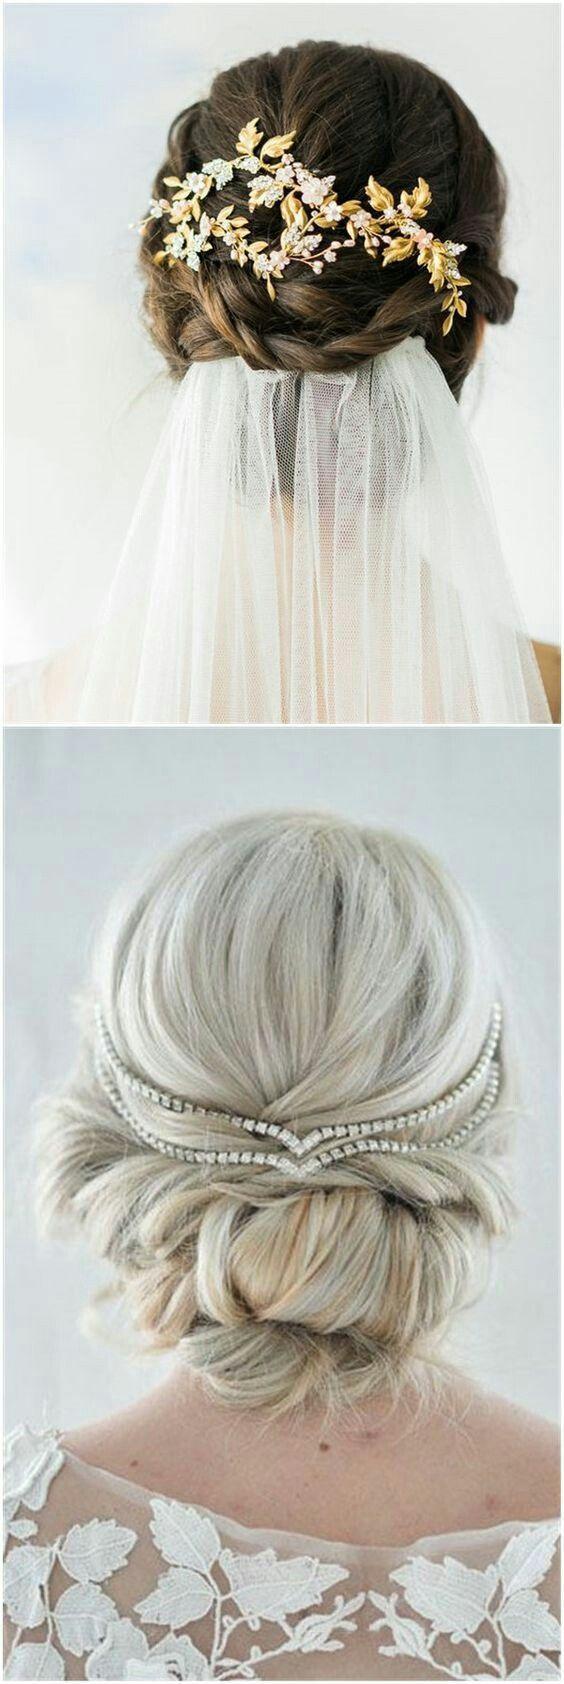 accessoires cheveux coiffure mariage chignon mariée bohème romantique retro, BIJOUX MARIAGE (108)